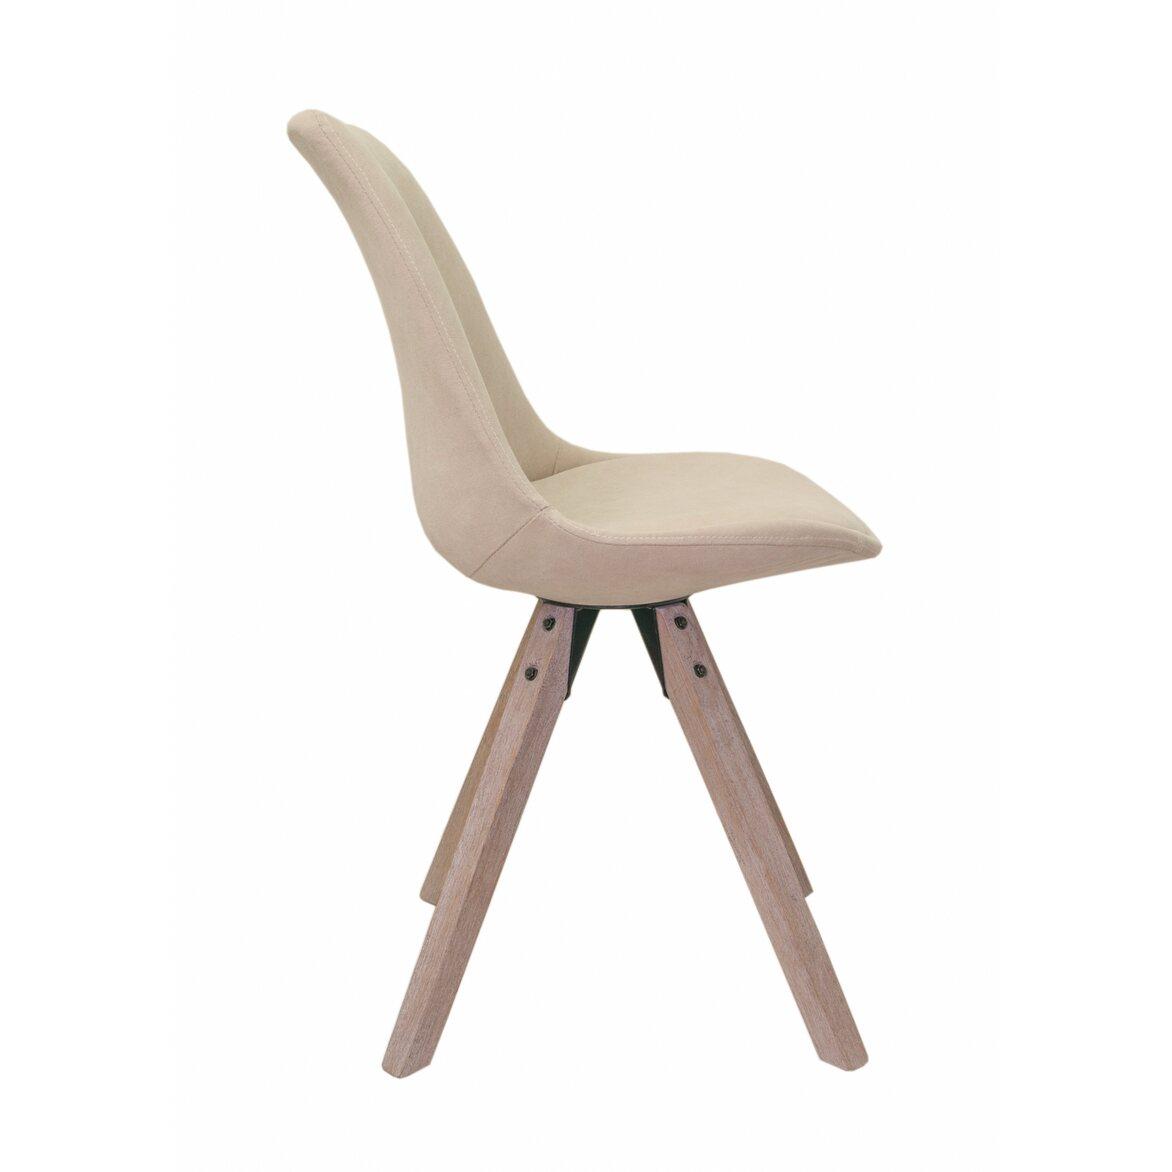 Стул Dexx beige 2 | Обеденные стулья Kingsby